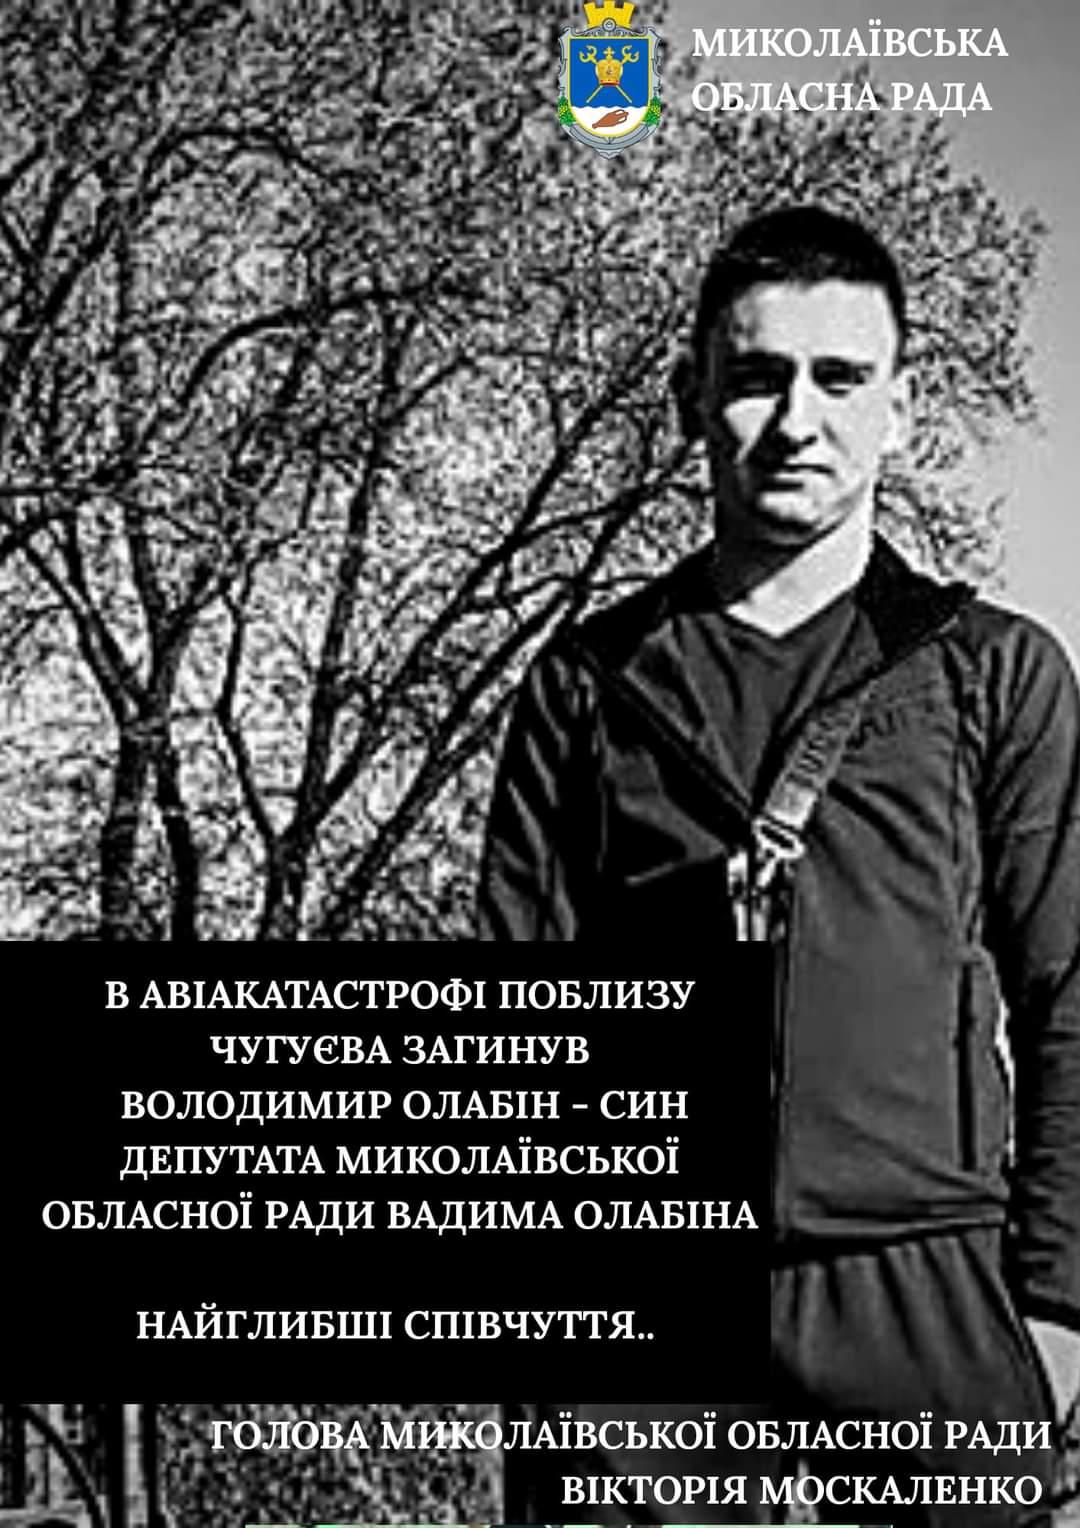 В авіакатастрофі на Харківщині загинув син депутата Миколаївської облради